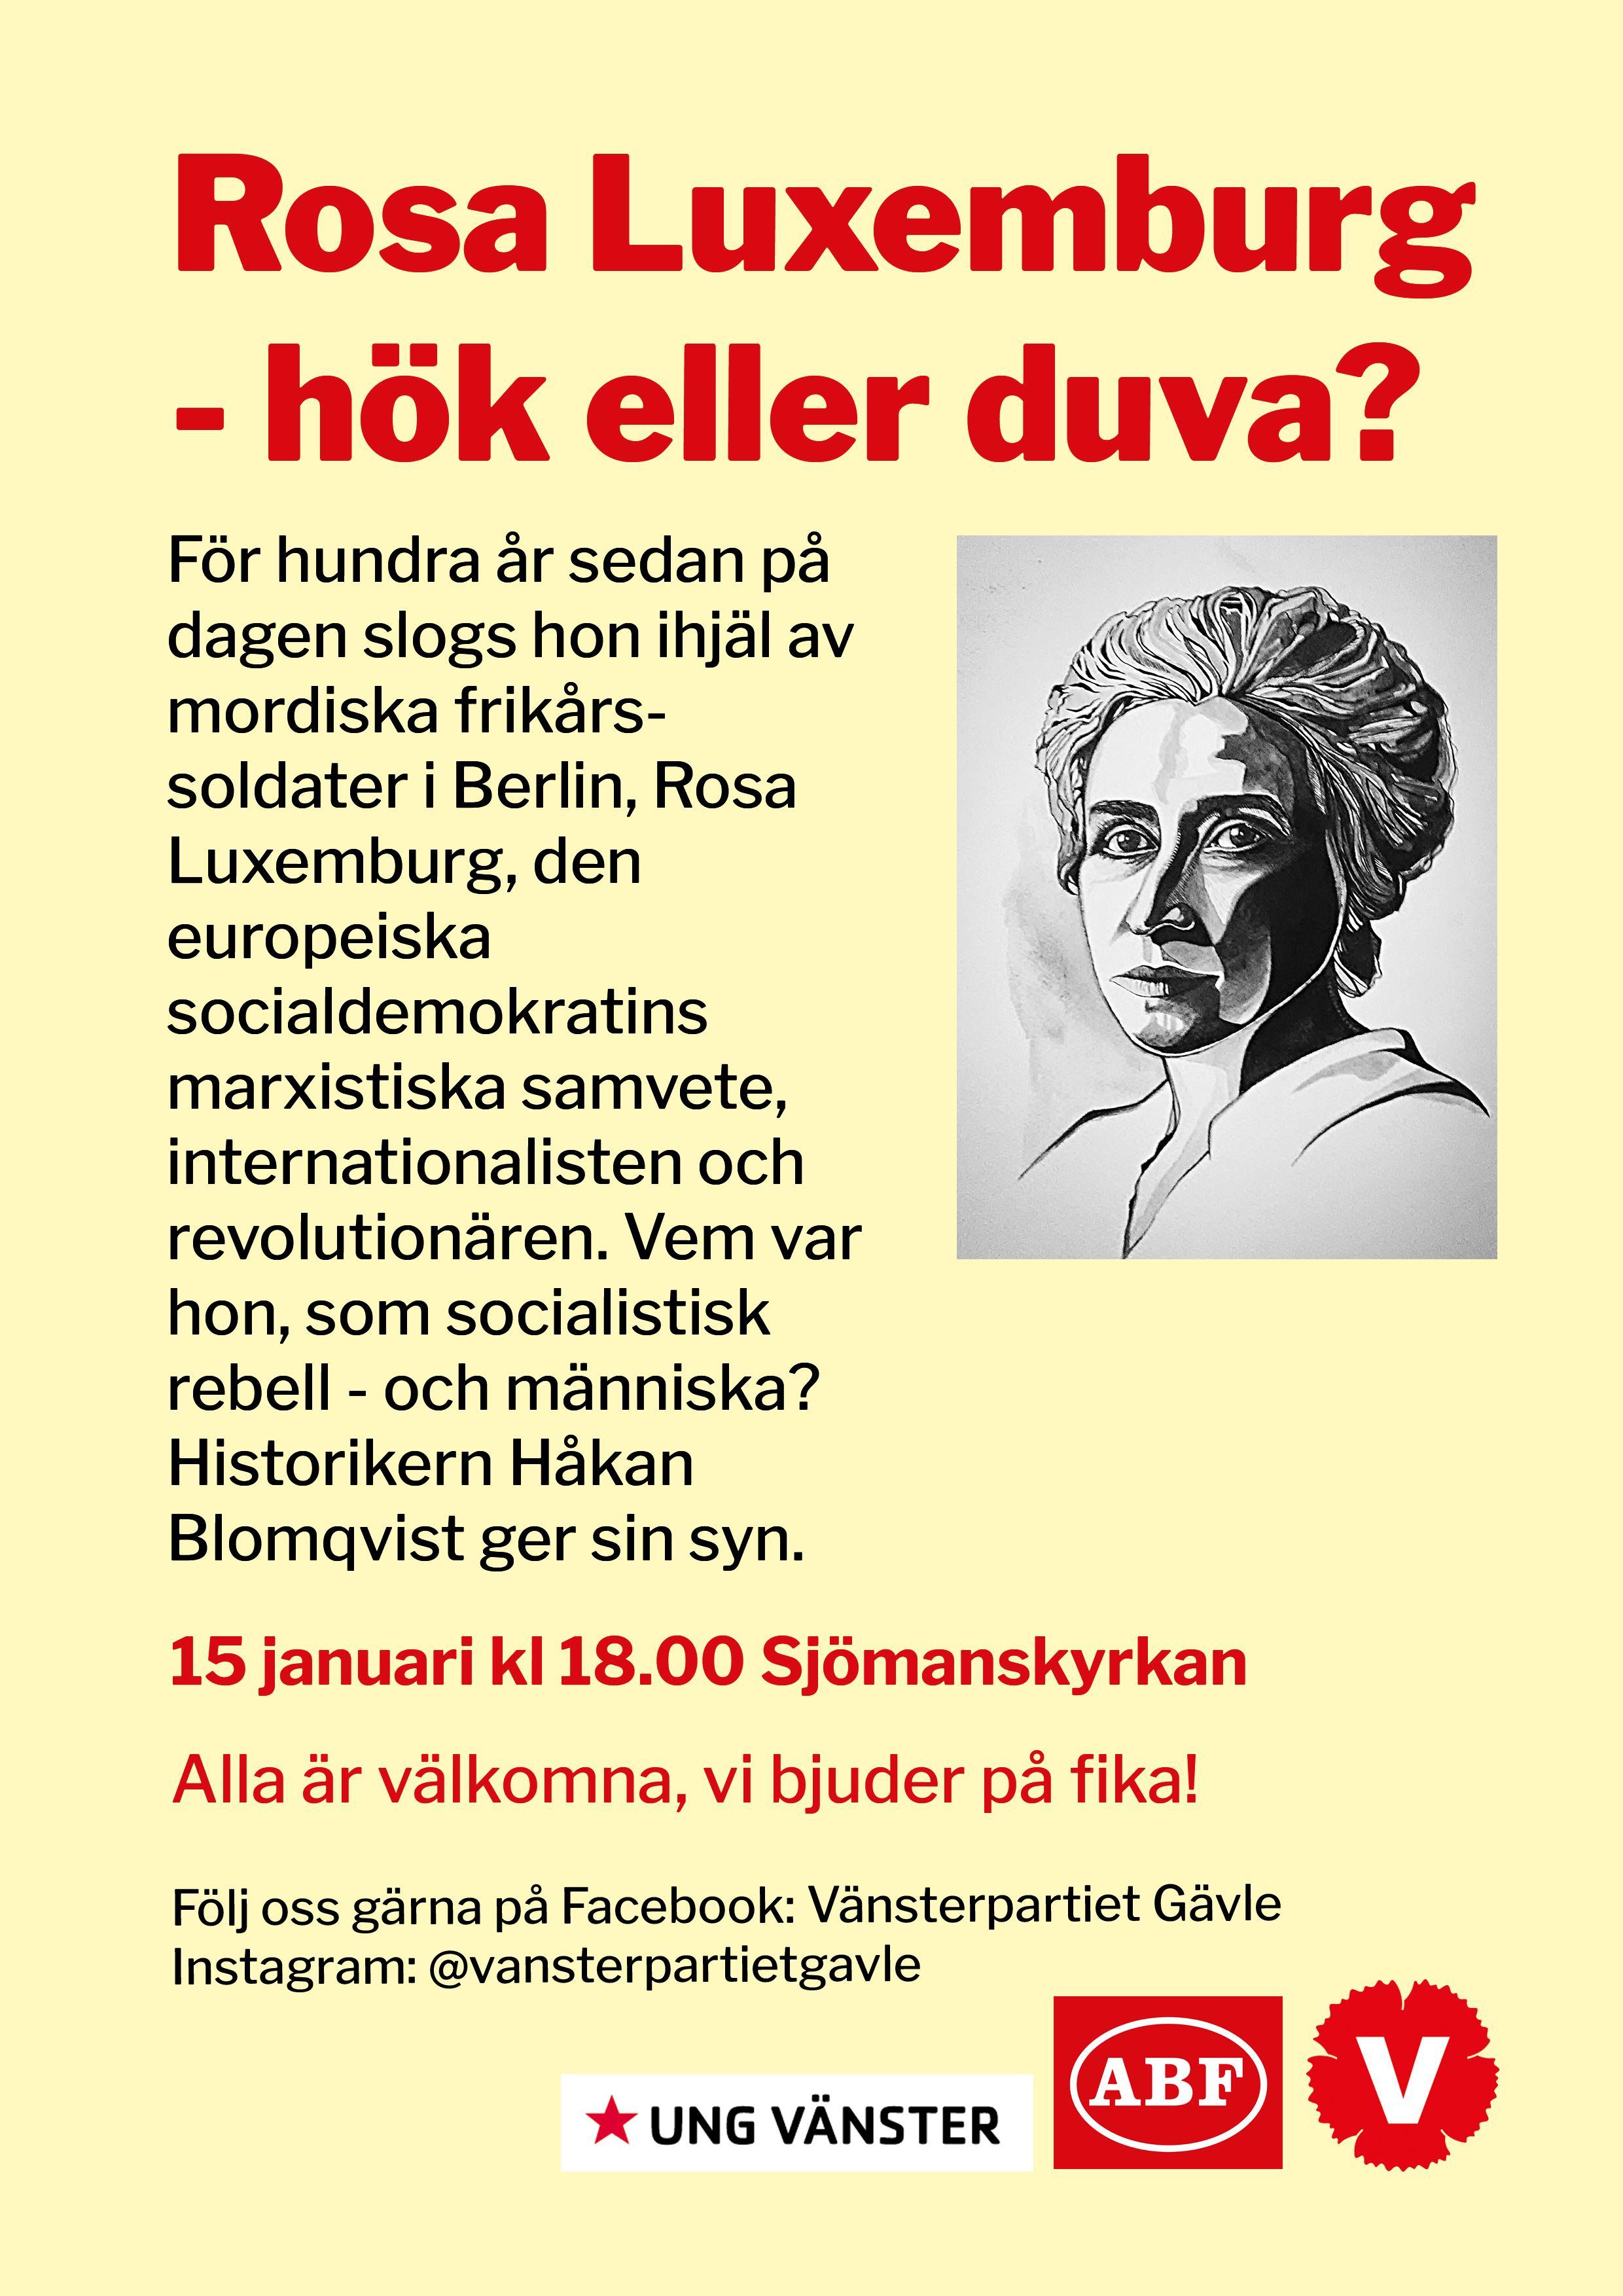 Rosa Luxemburg, hök eller duva?